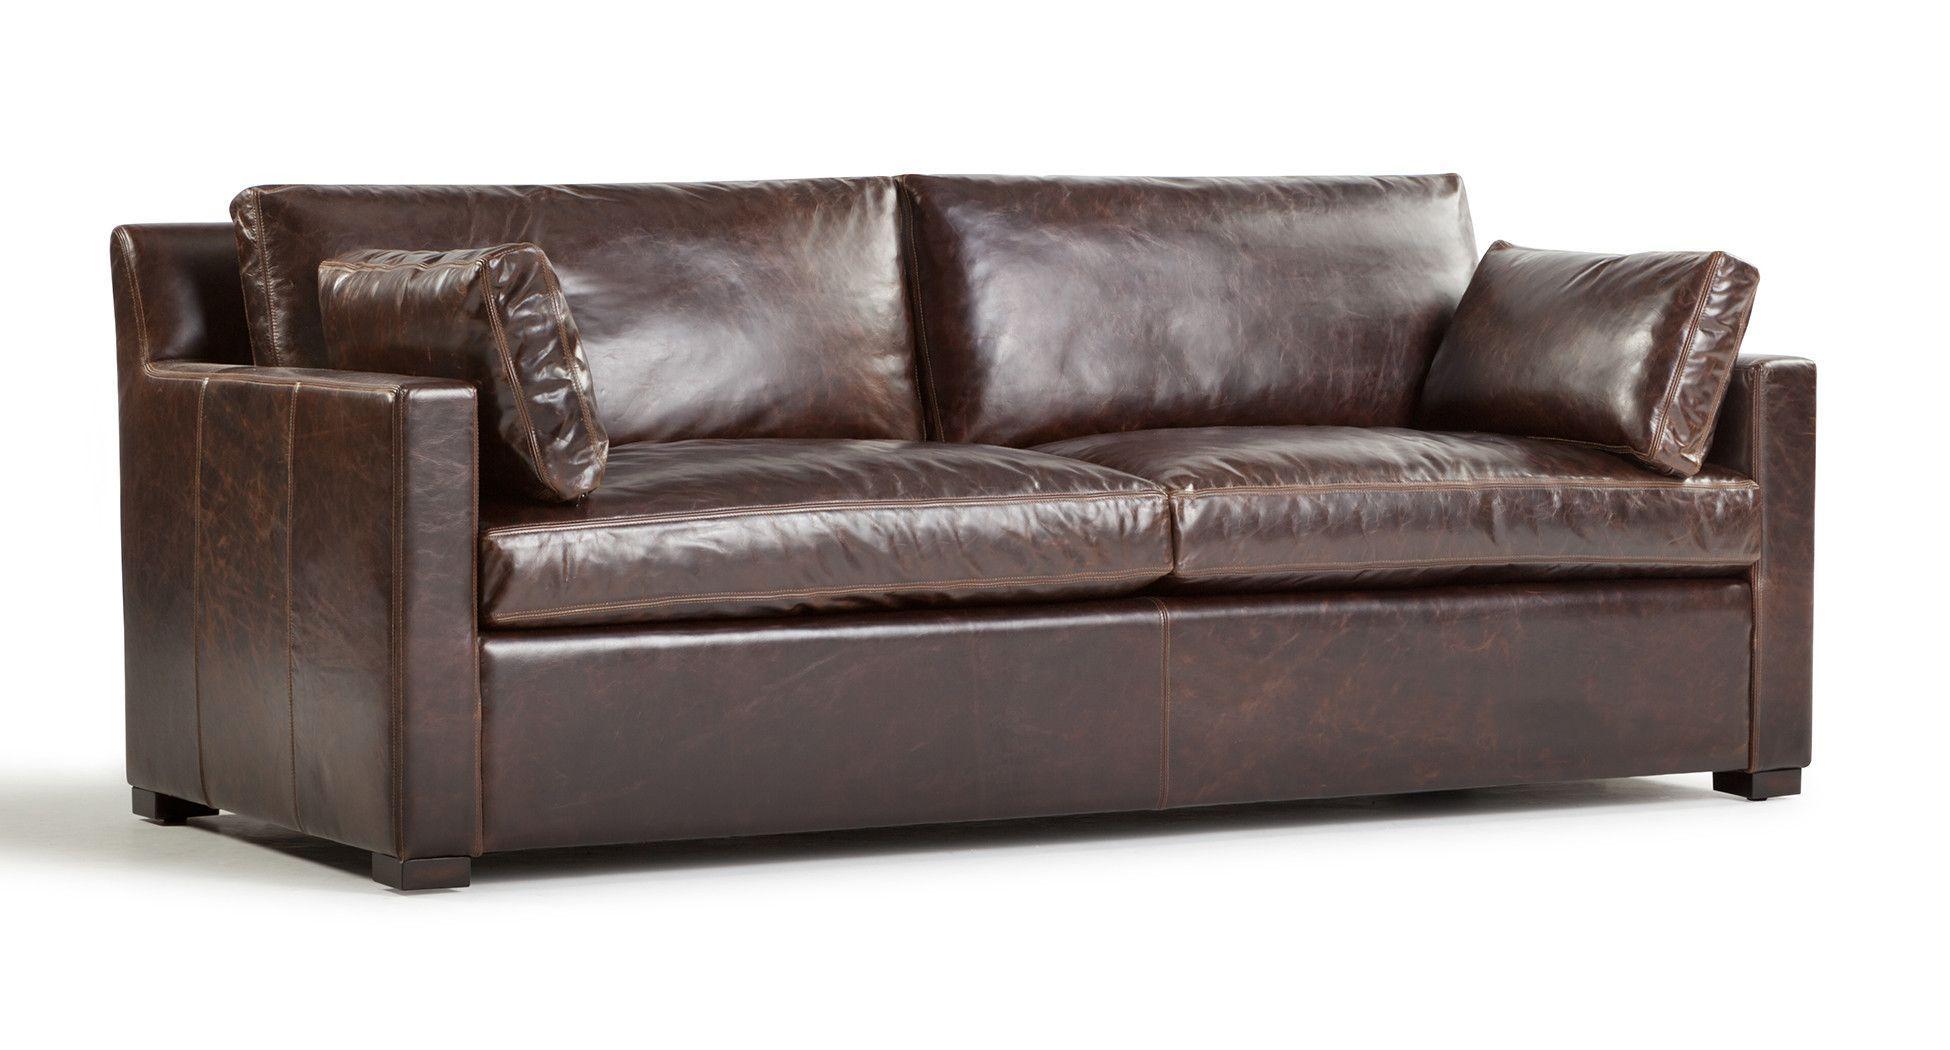 25 melhores ideias de Genuine leather sofa no Pinterest